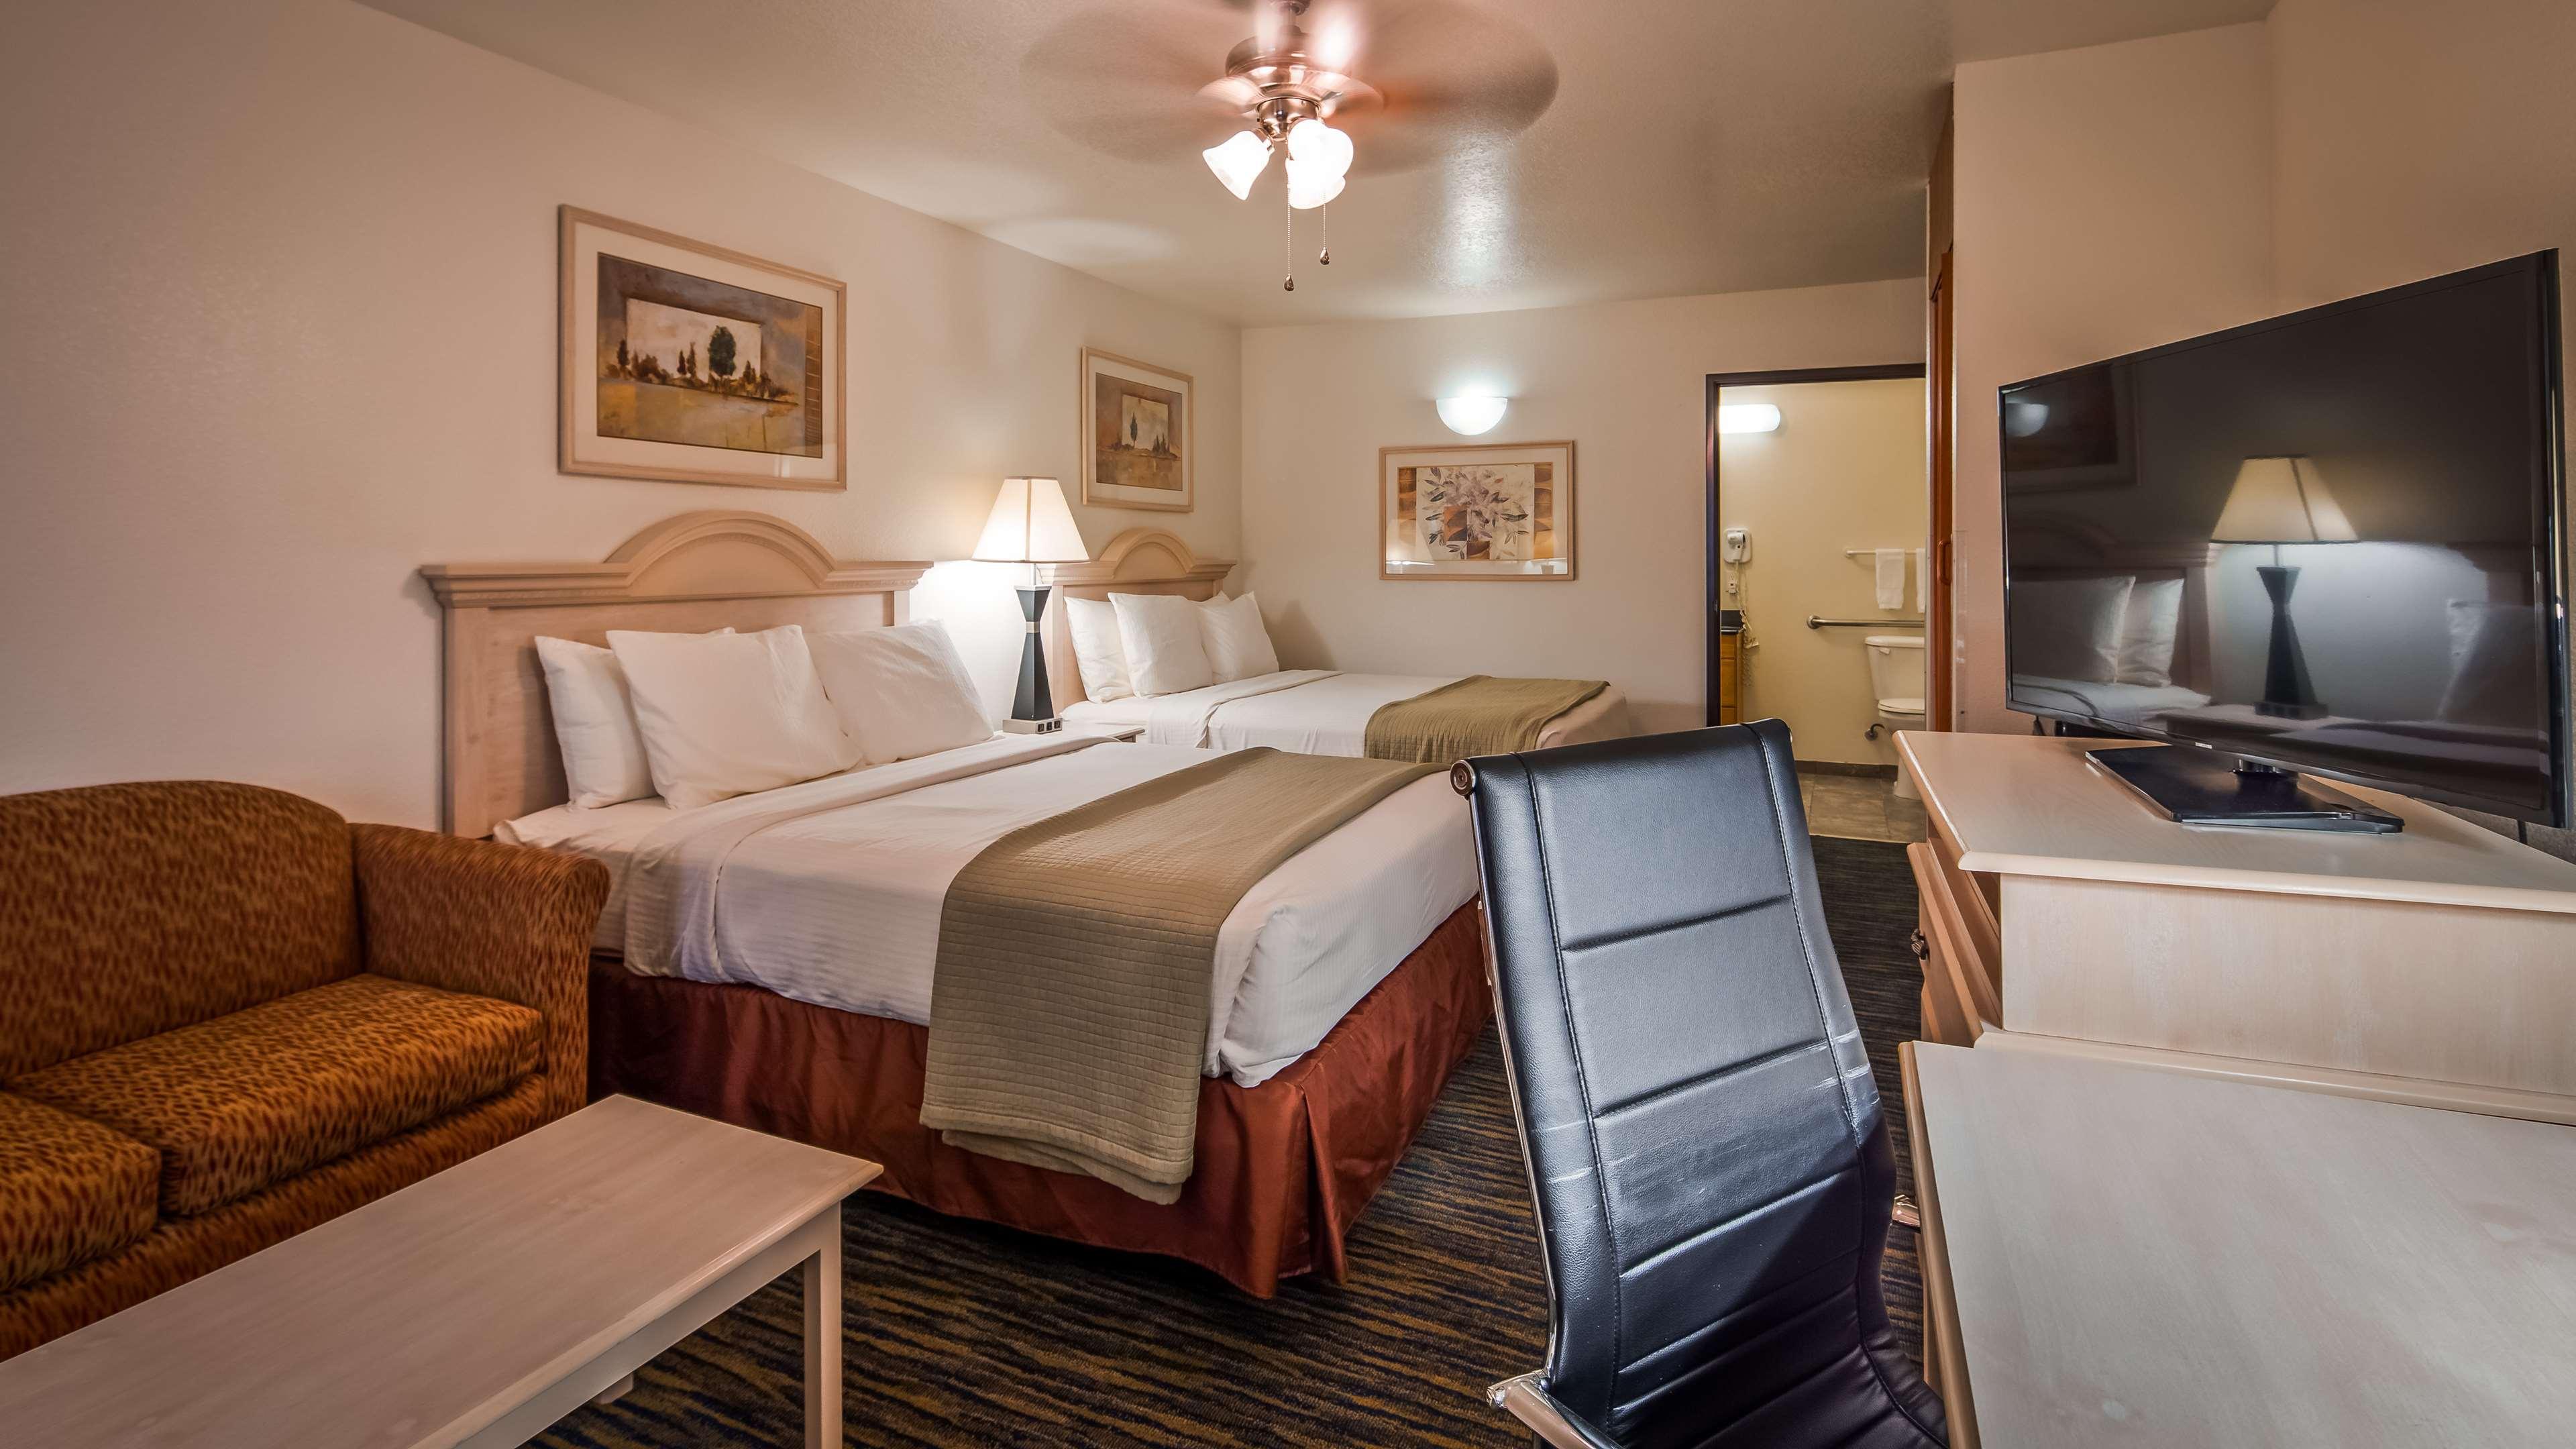 SureStay Hotel by Best Western Falfurrias image 39